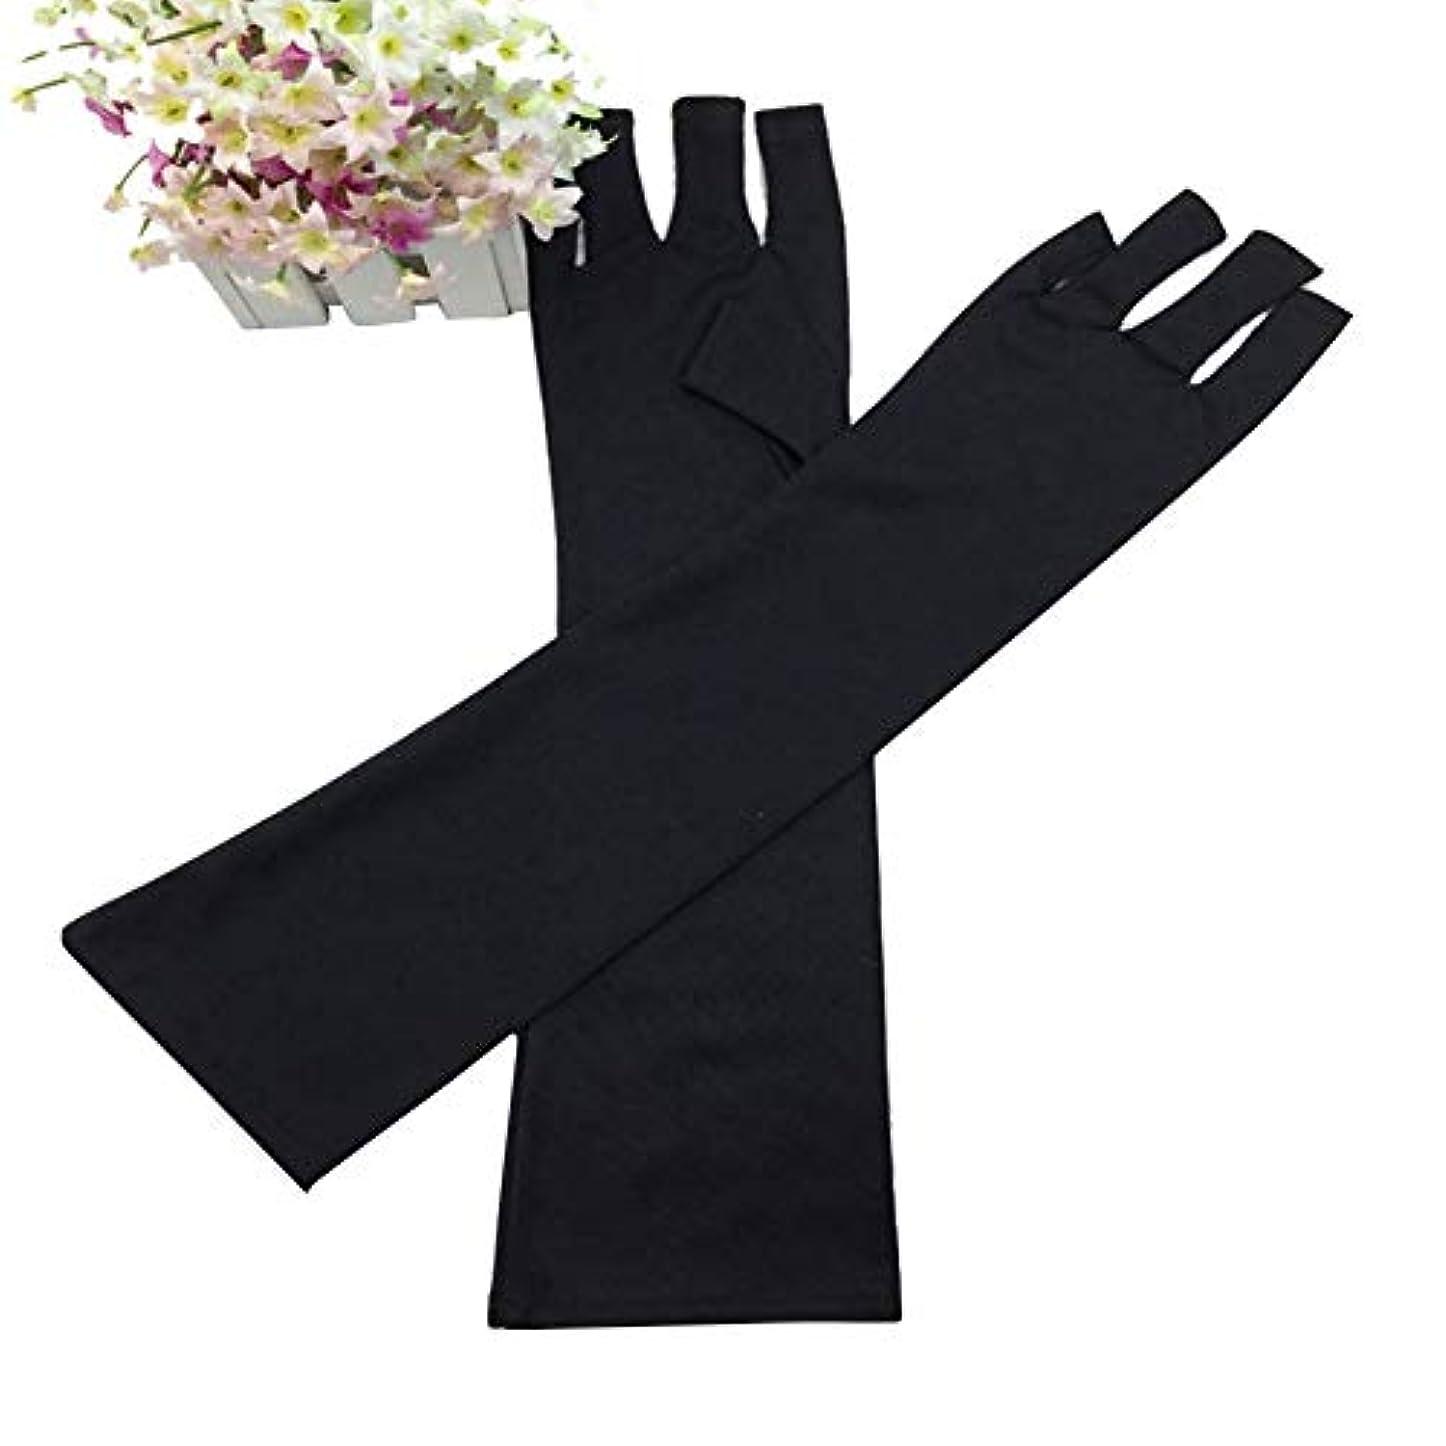 憎しみ礼儀劣るslQinjiansavネイルアート&ツール手袋UV光ランプ放射線保護手袋ハンドレストマニキュアネイルアートツール - ブラック